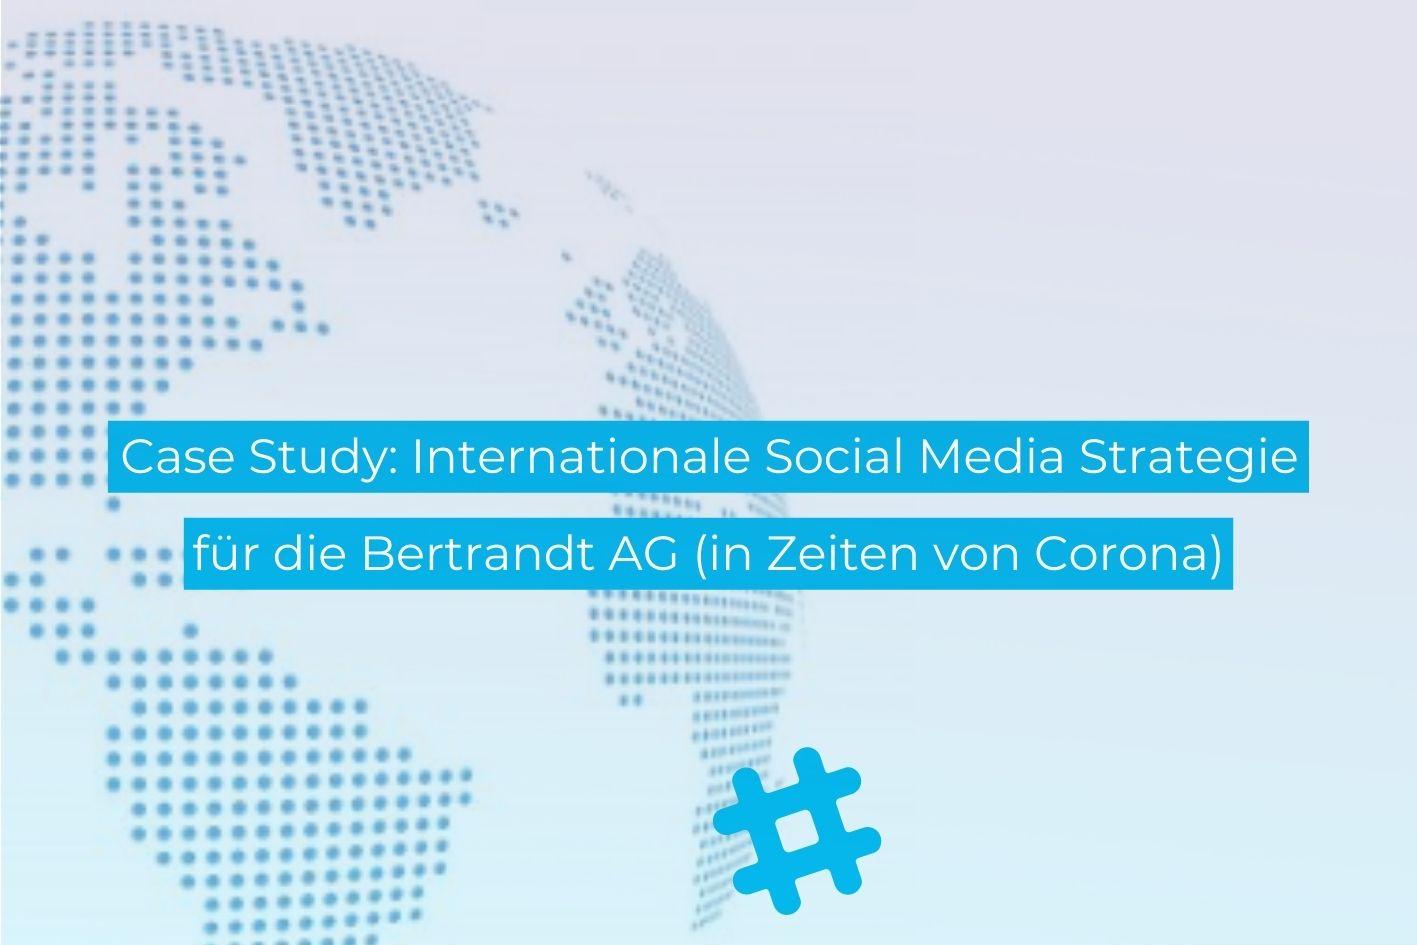 Internationale Social Media Strategie Bertrandt AG - Social Media